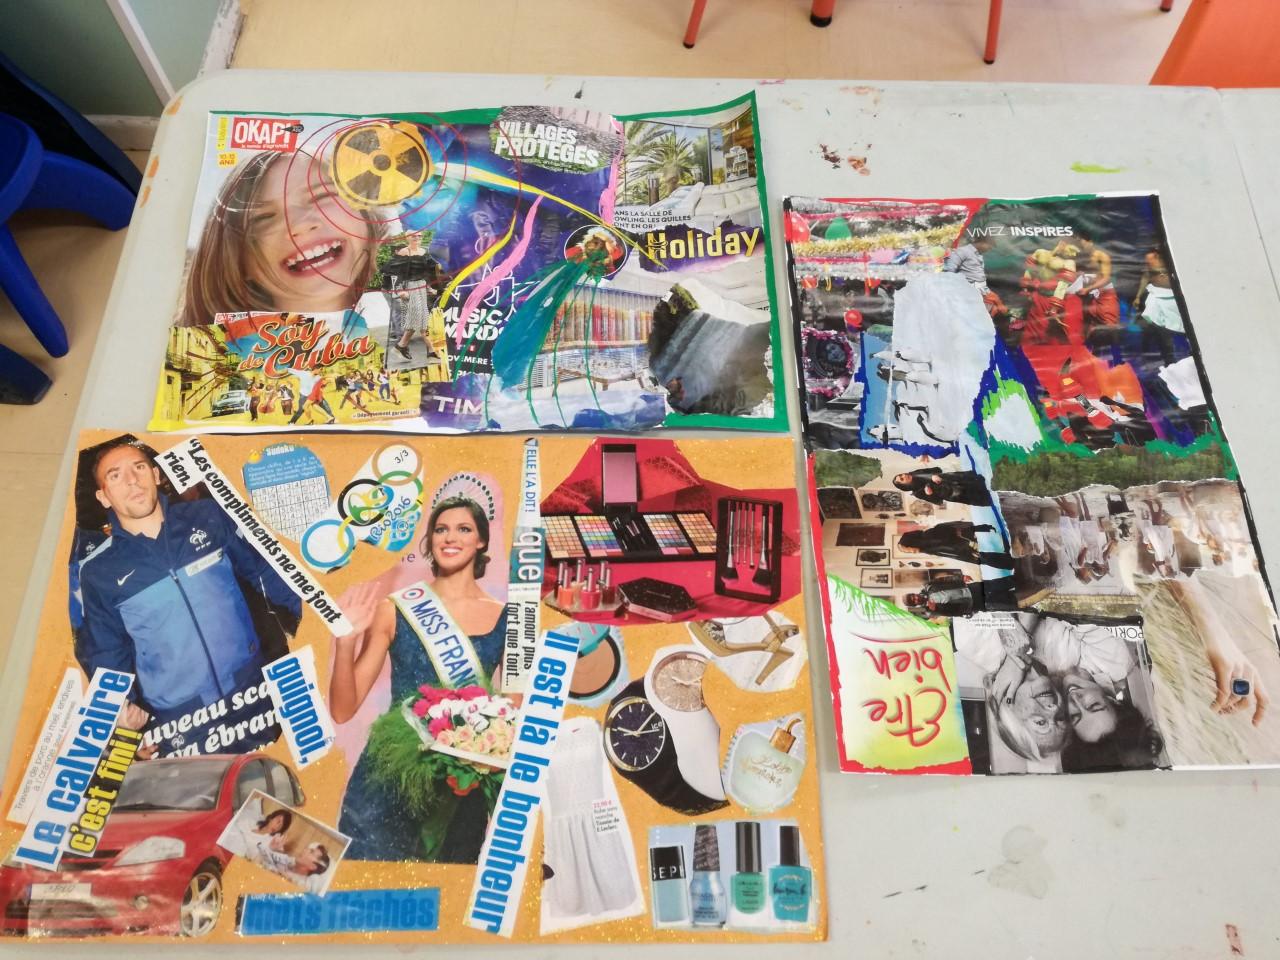 Les créations des enfants : nous voyons de multiples collages, parfois repeints, exprimant leurs pensées